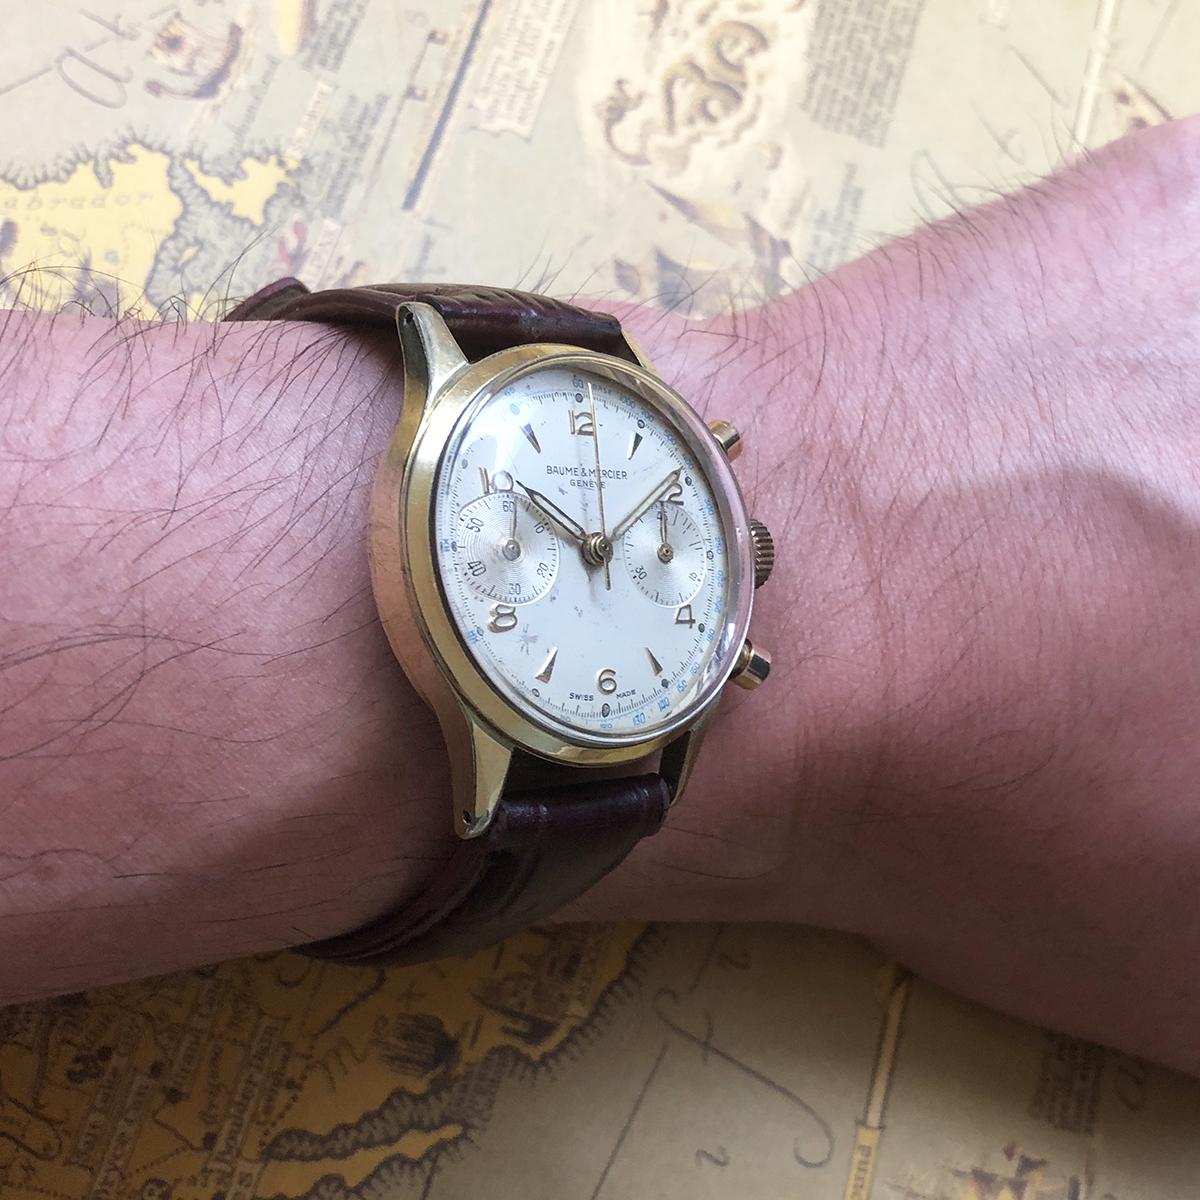 ★希少!! ボーム&メルシエ BAUME&MERCIER 1960s アンティーク Landeron149 メンズ 腕時計 クロノグラフ 手巻 白文字盤 ビンテージ 高級_画像8